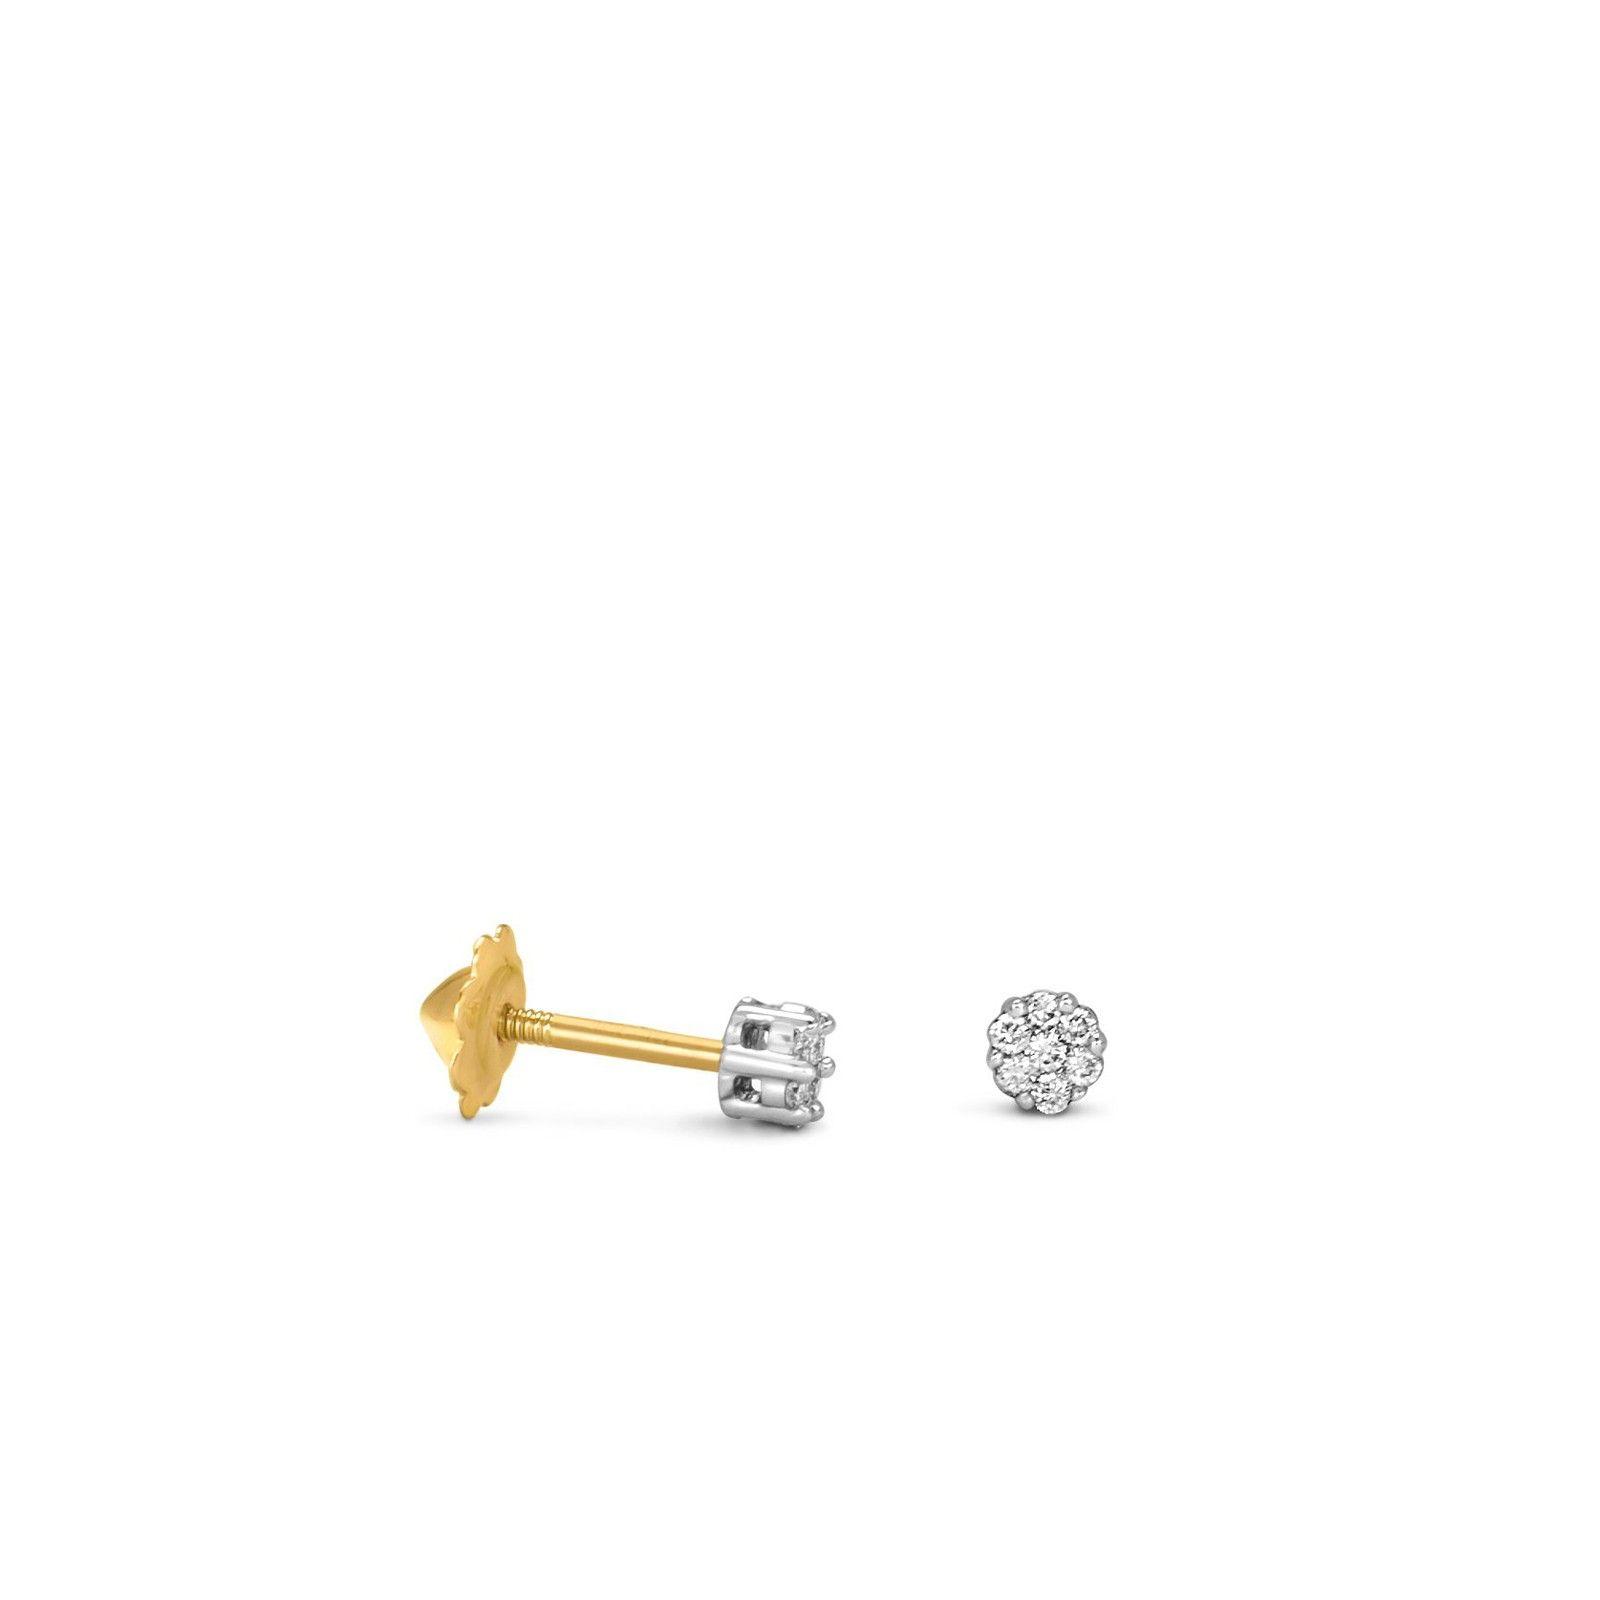 a0359887cc58 Pendientes TOUS Diamonds de Oro - Tous Oro Blanco